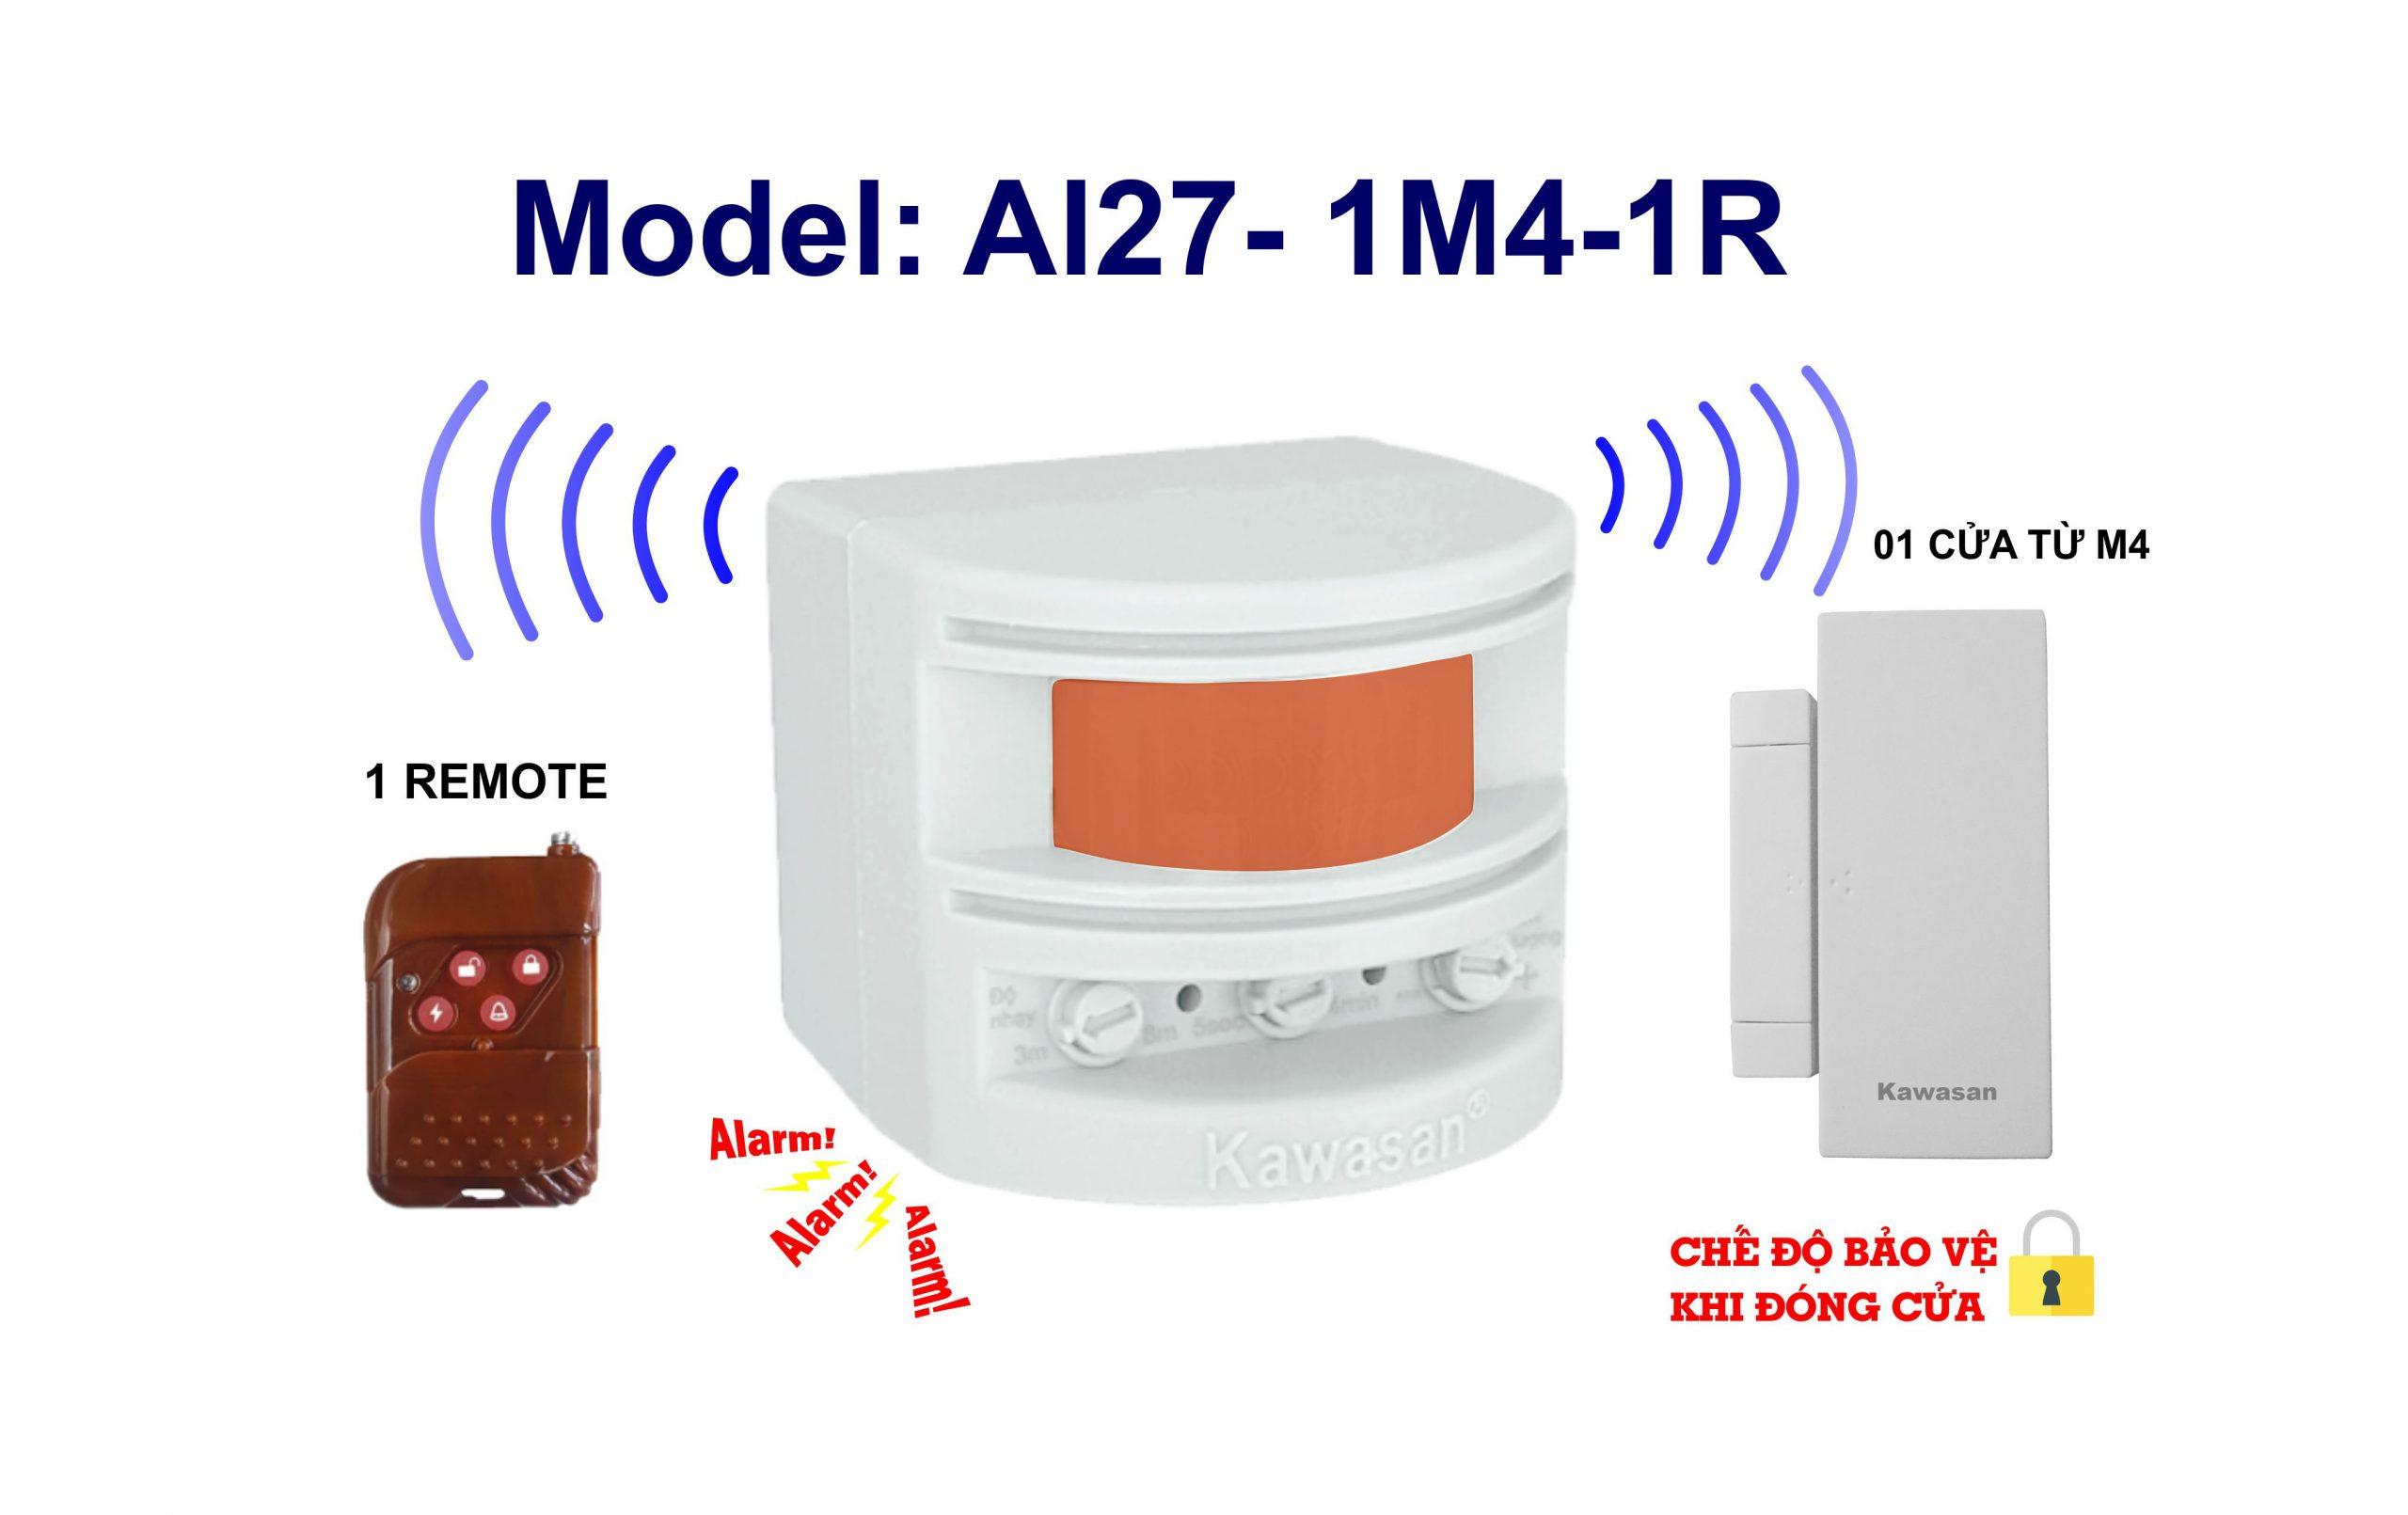 AL27-1M4-1R